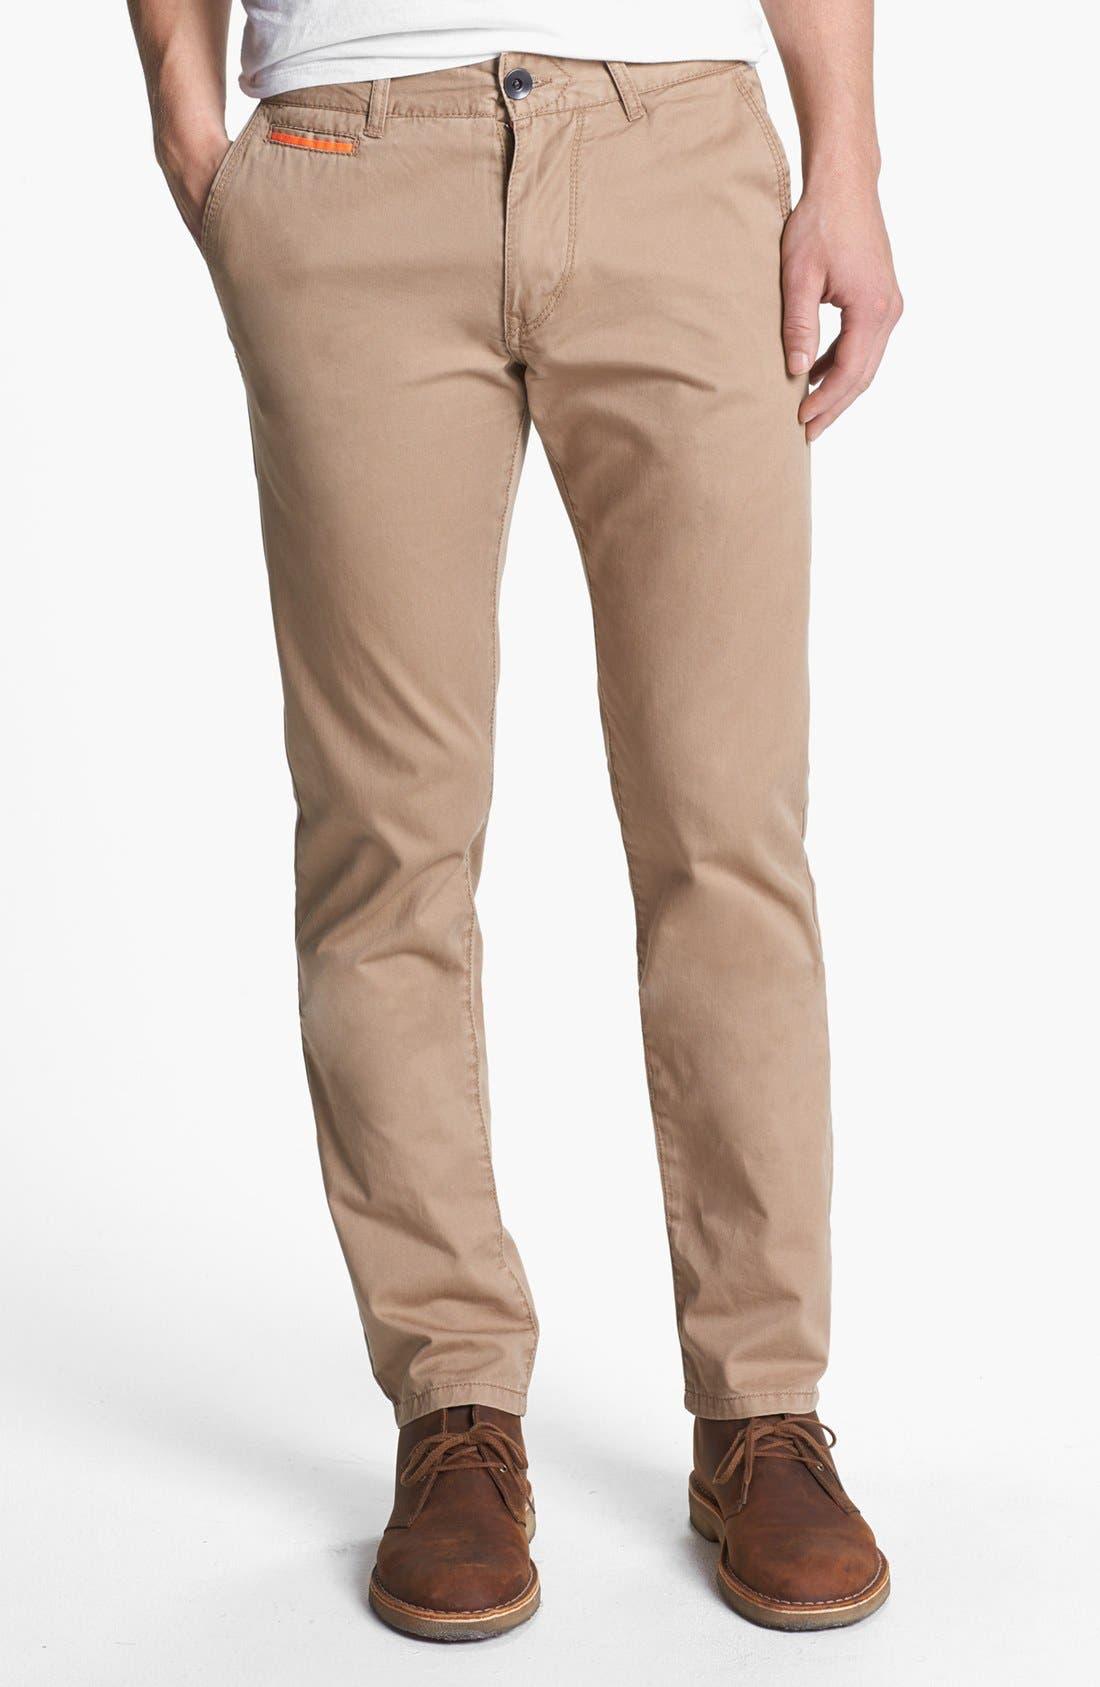 Main Image - Union 'Camano' Slim Straight Leg Chinos